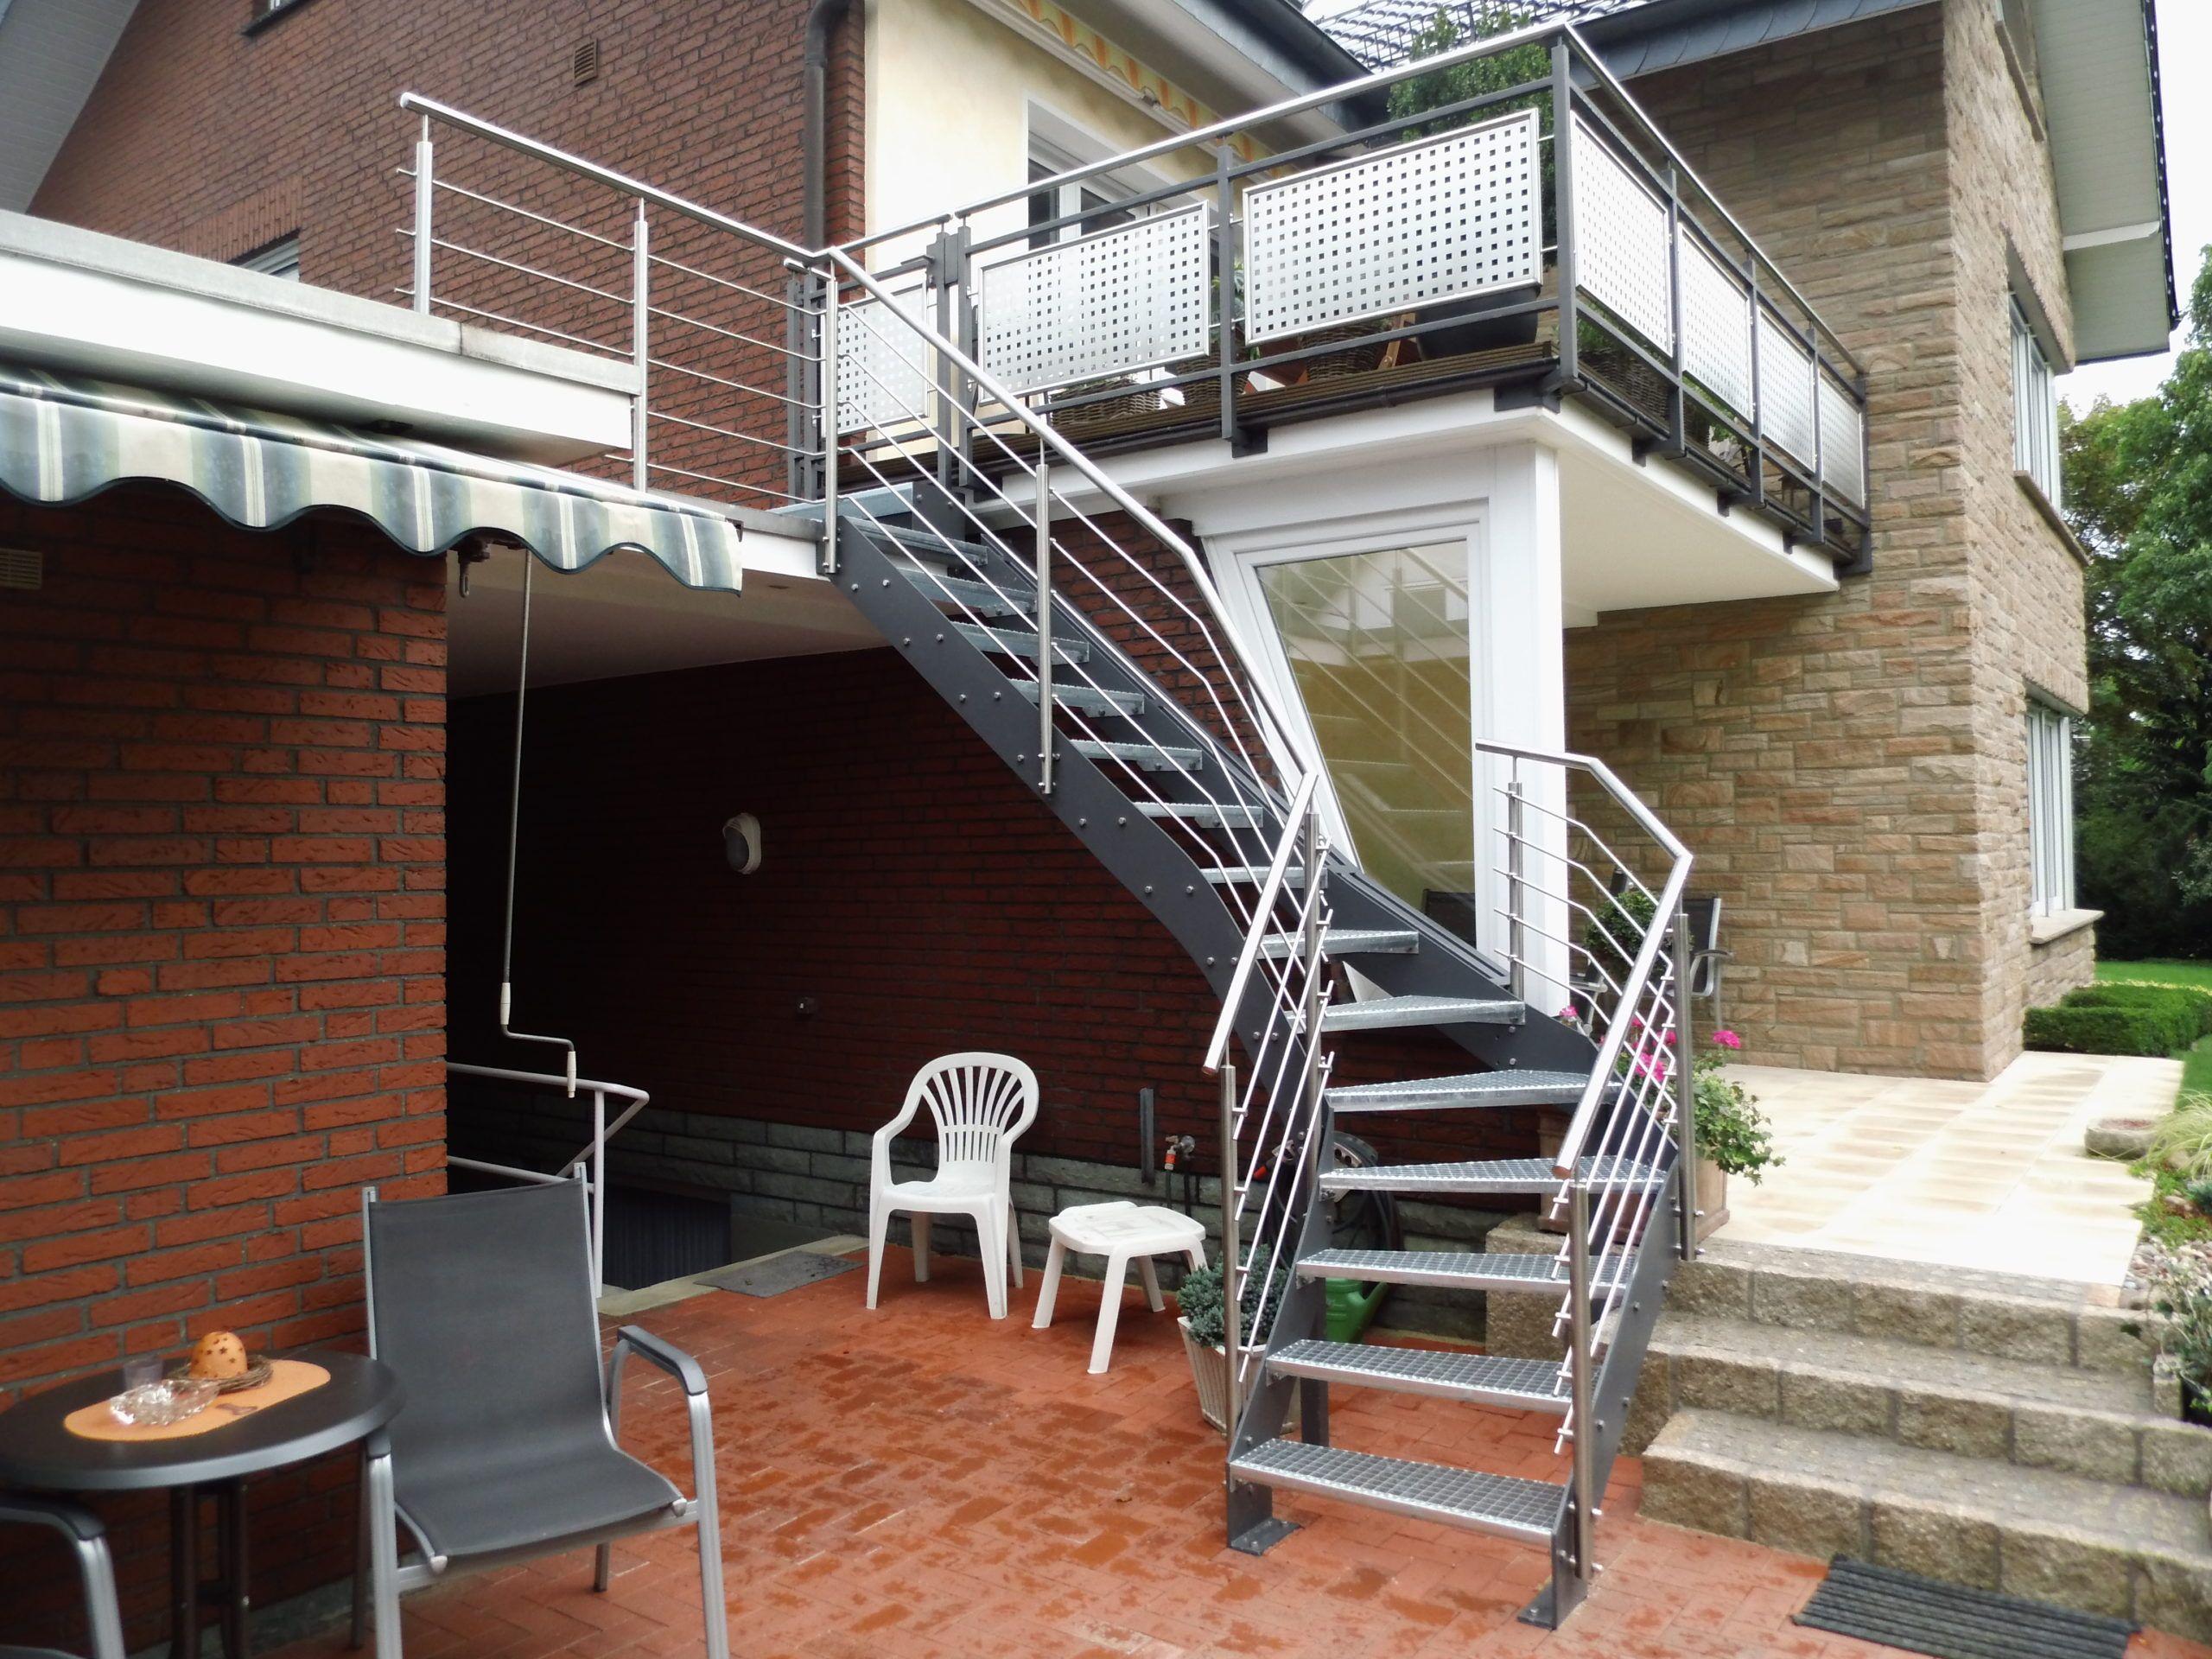 gezogene Außentreppe mit Flachstahlwangen in anthrazit, Treppengeländer in Edelstahl mit mitlaufenden Stäben